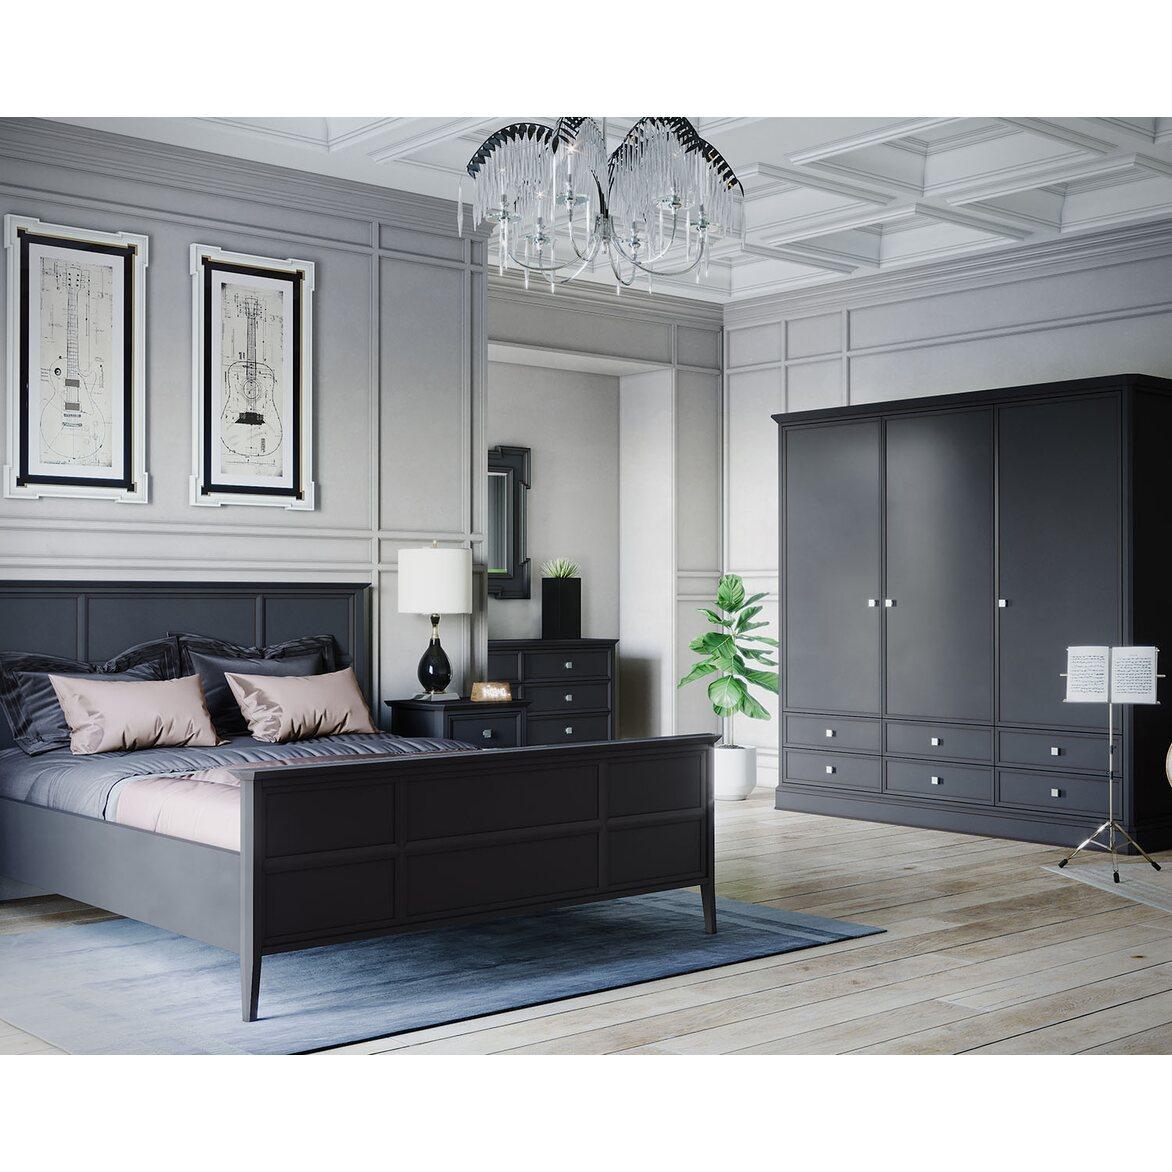 Шкаф трехстворчатый с ящиками Ellington, черный 6 | Платяные шкафы Kingsby